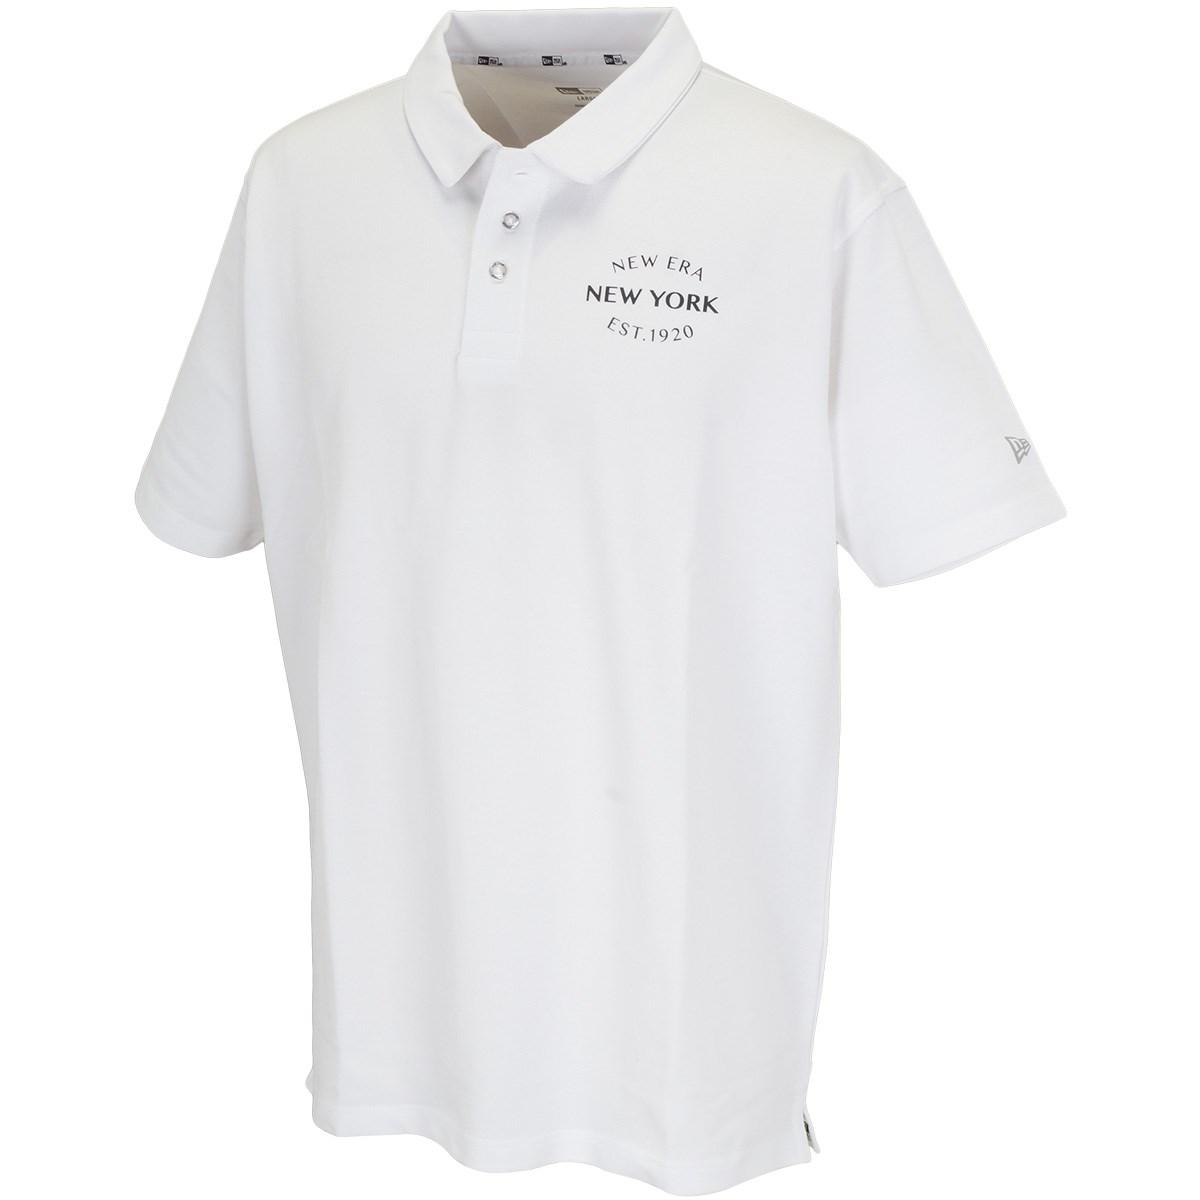 ニューエラ GOLF JER NENYE1920 半袖ポロシャツ